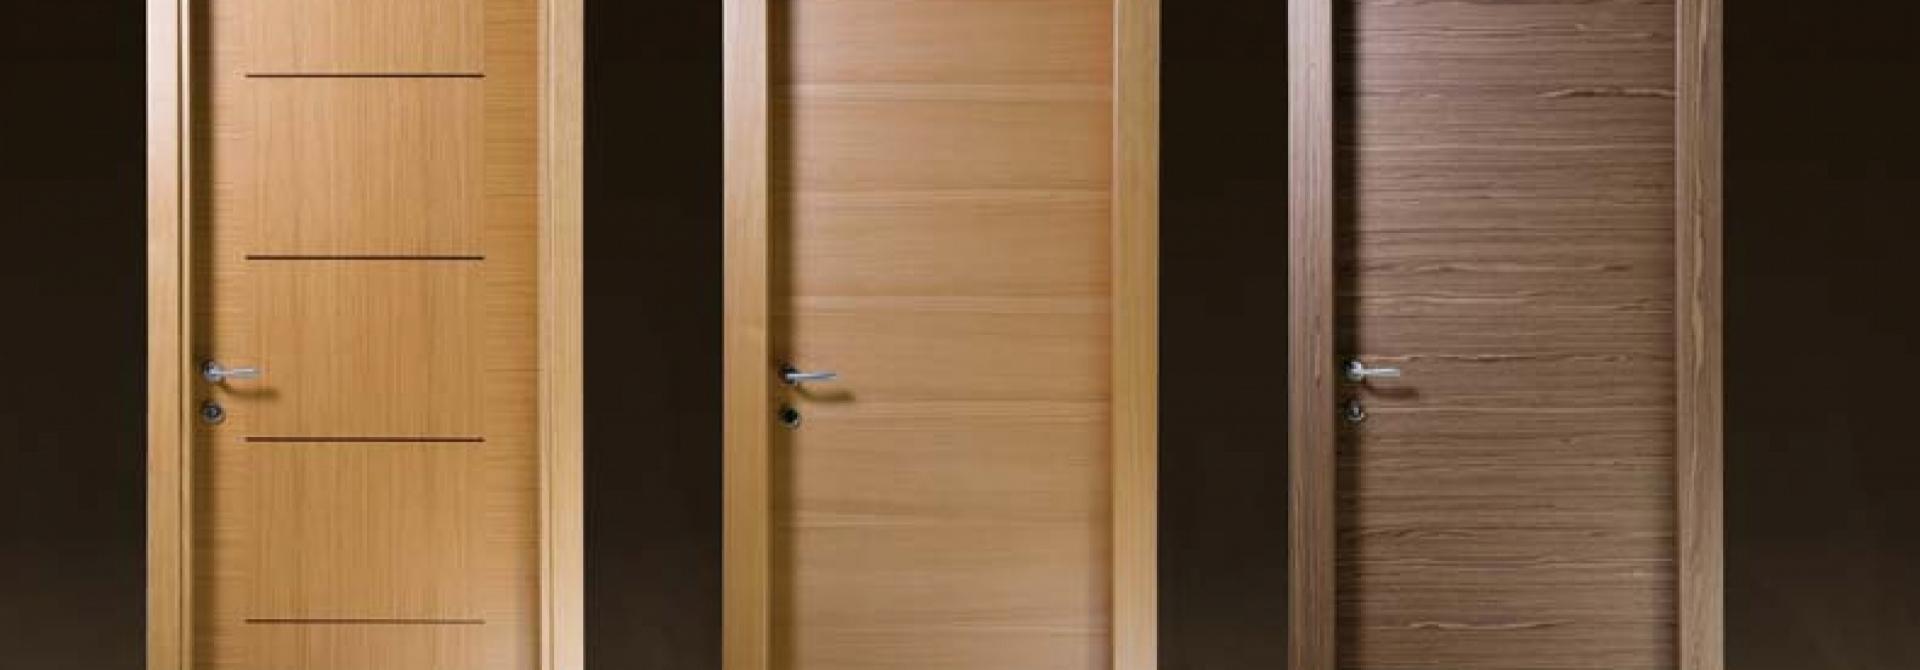 Porte legno bologna porte in legno su misura - Porte finestre legno ...